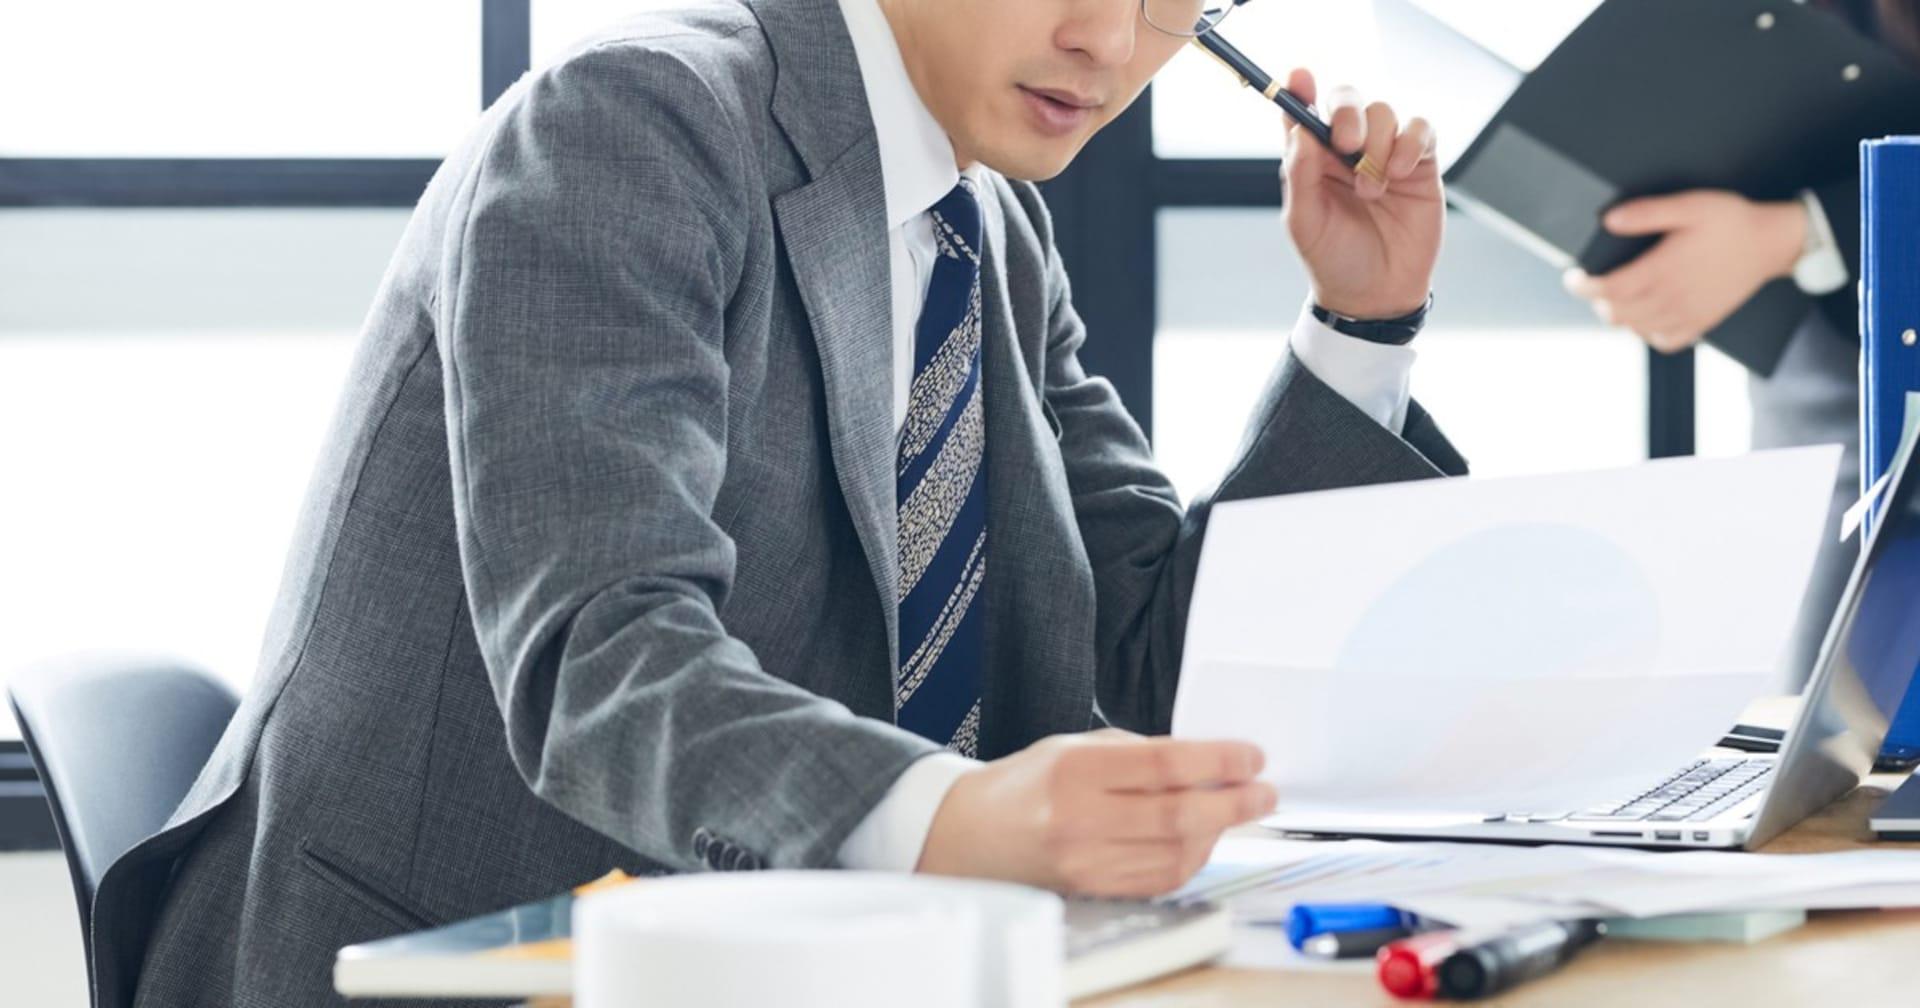 日本一給料が高いモンスター企業「キーエンス」って何をやっている会社? 圧倒的な利益率のワケは?